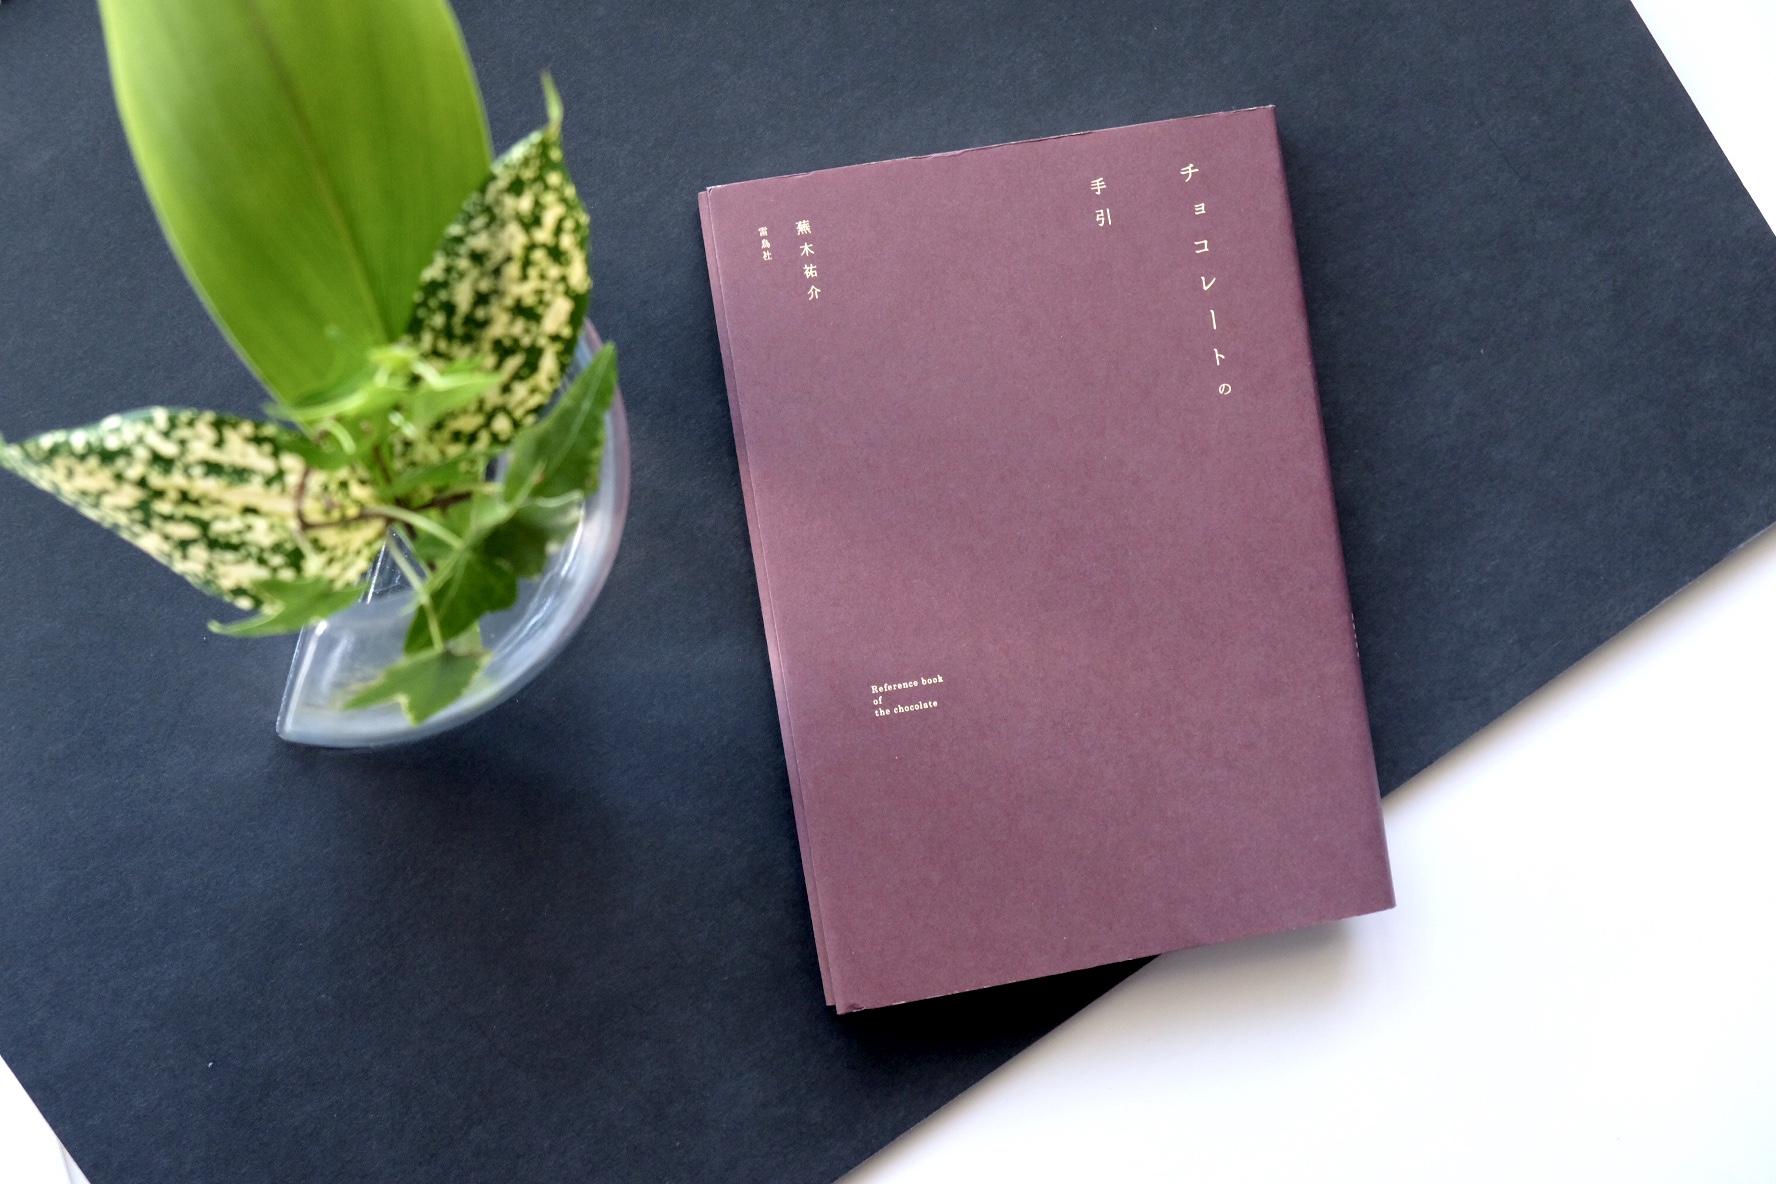 カカオ本の連鎖 vol.3 蕪木祐介『チョコレートの手引き』